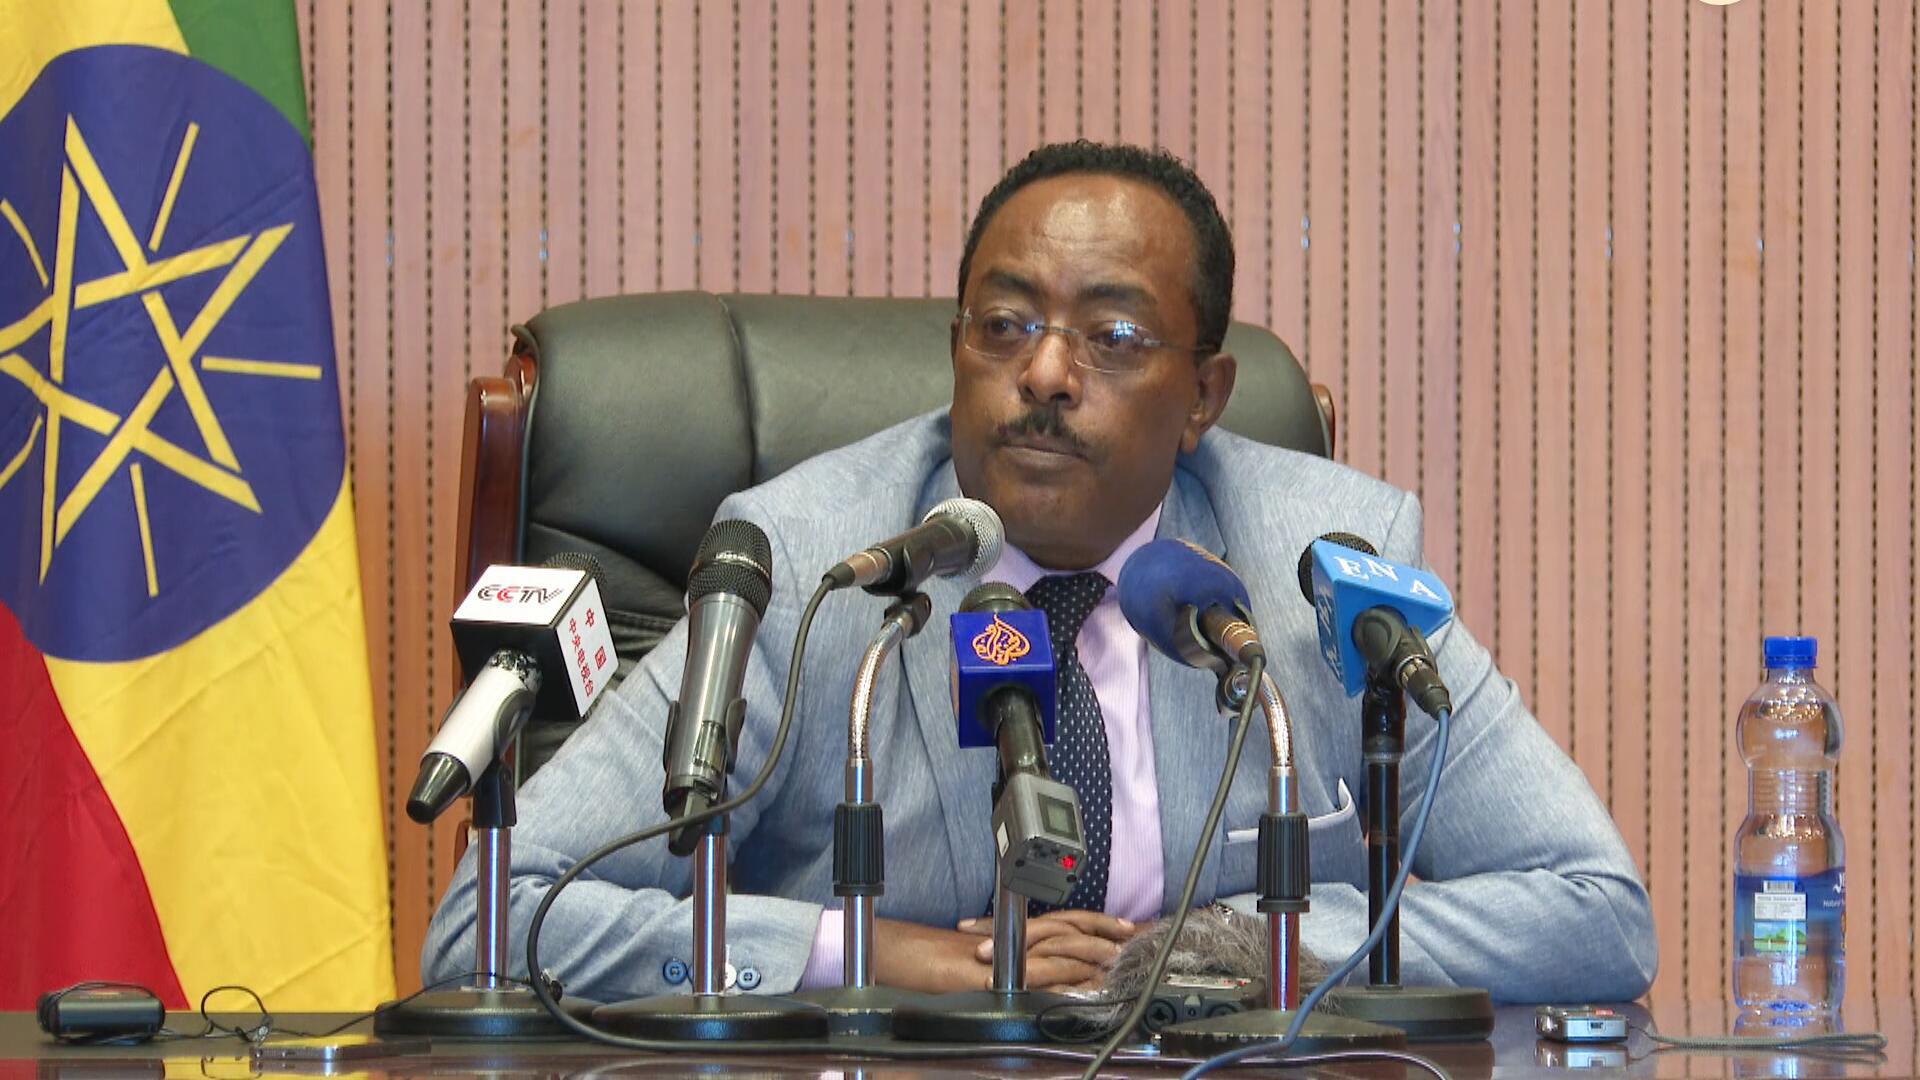 埃塞俄比亚政府承认对联合国工作人员枪击和拘留